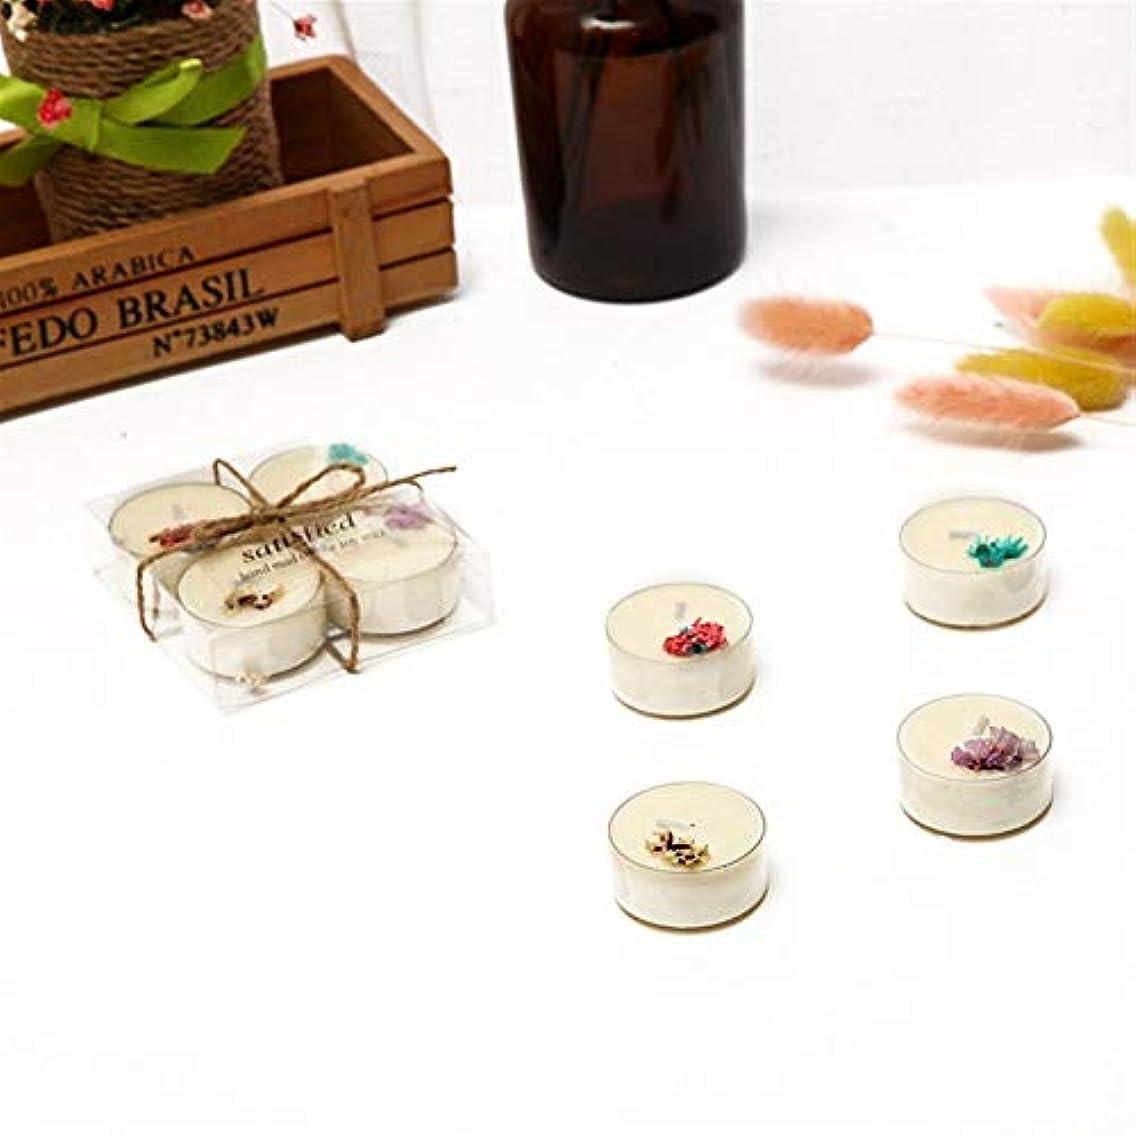 イタリックフォーカス眠るACAO 4つの花小さな茶ワックスガラスボトルアロマセラピーガラスカップ非毒性環境保護 (色 : Citrus)